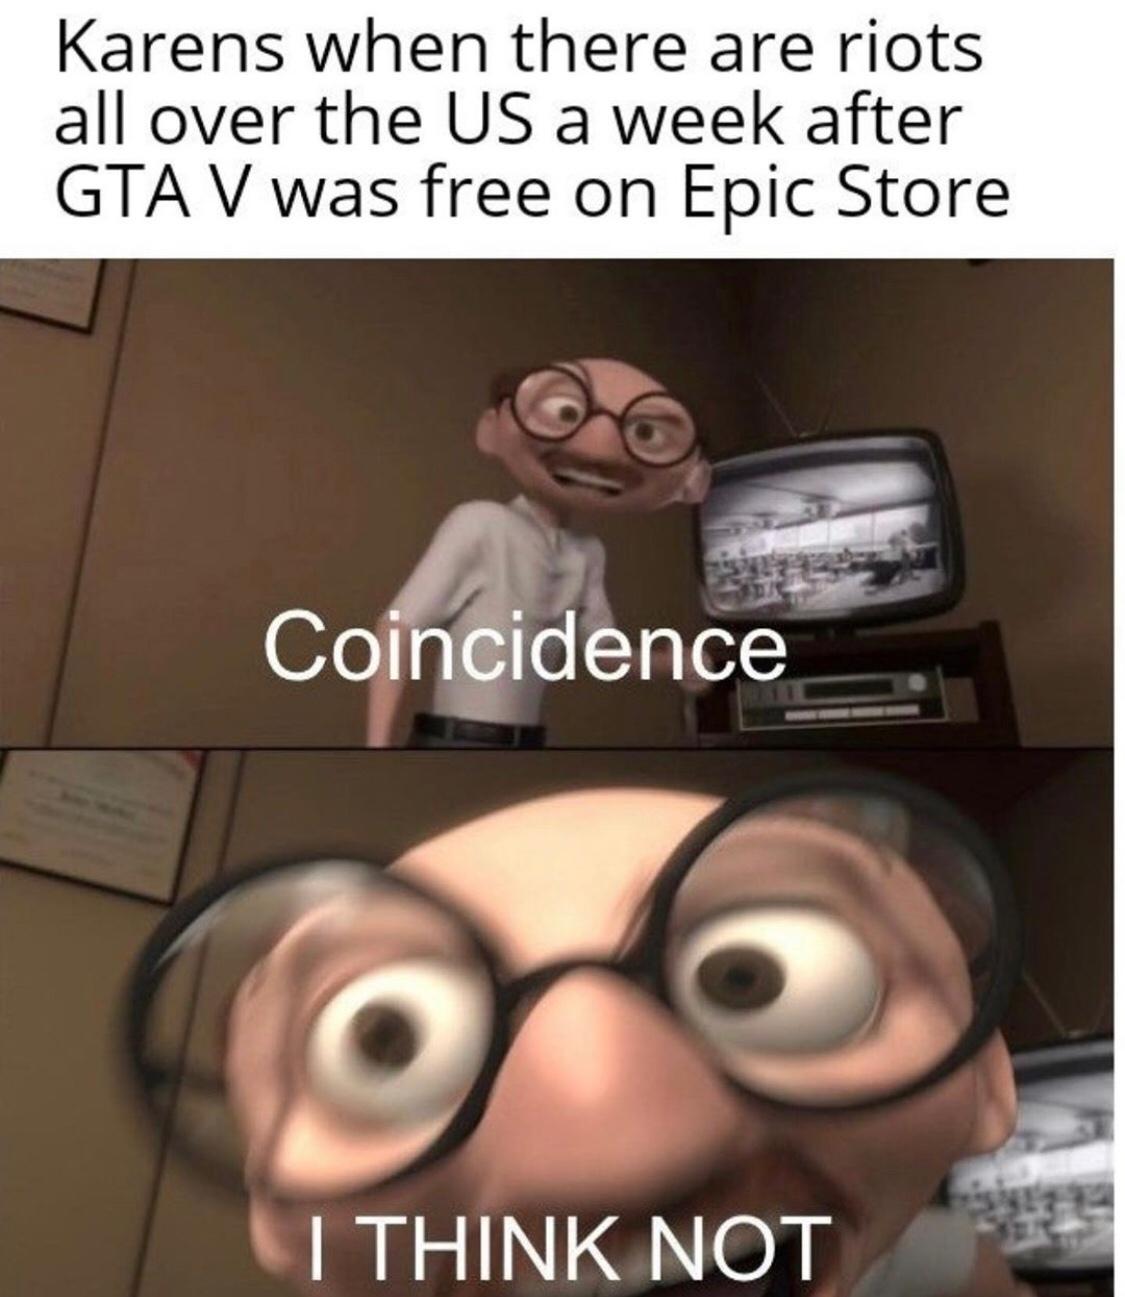 Karen's are gonna fucking love this - meme